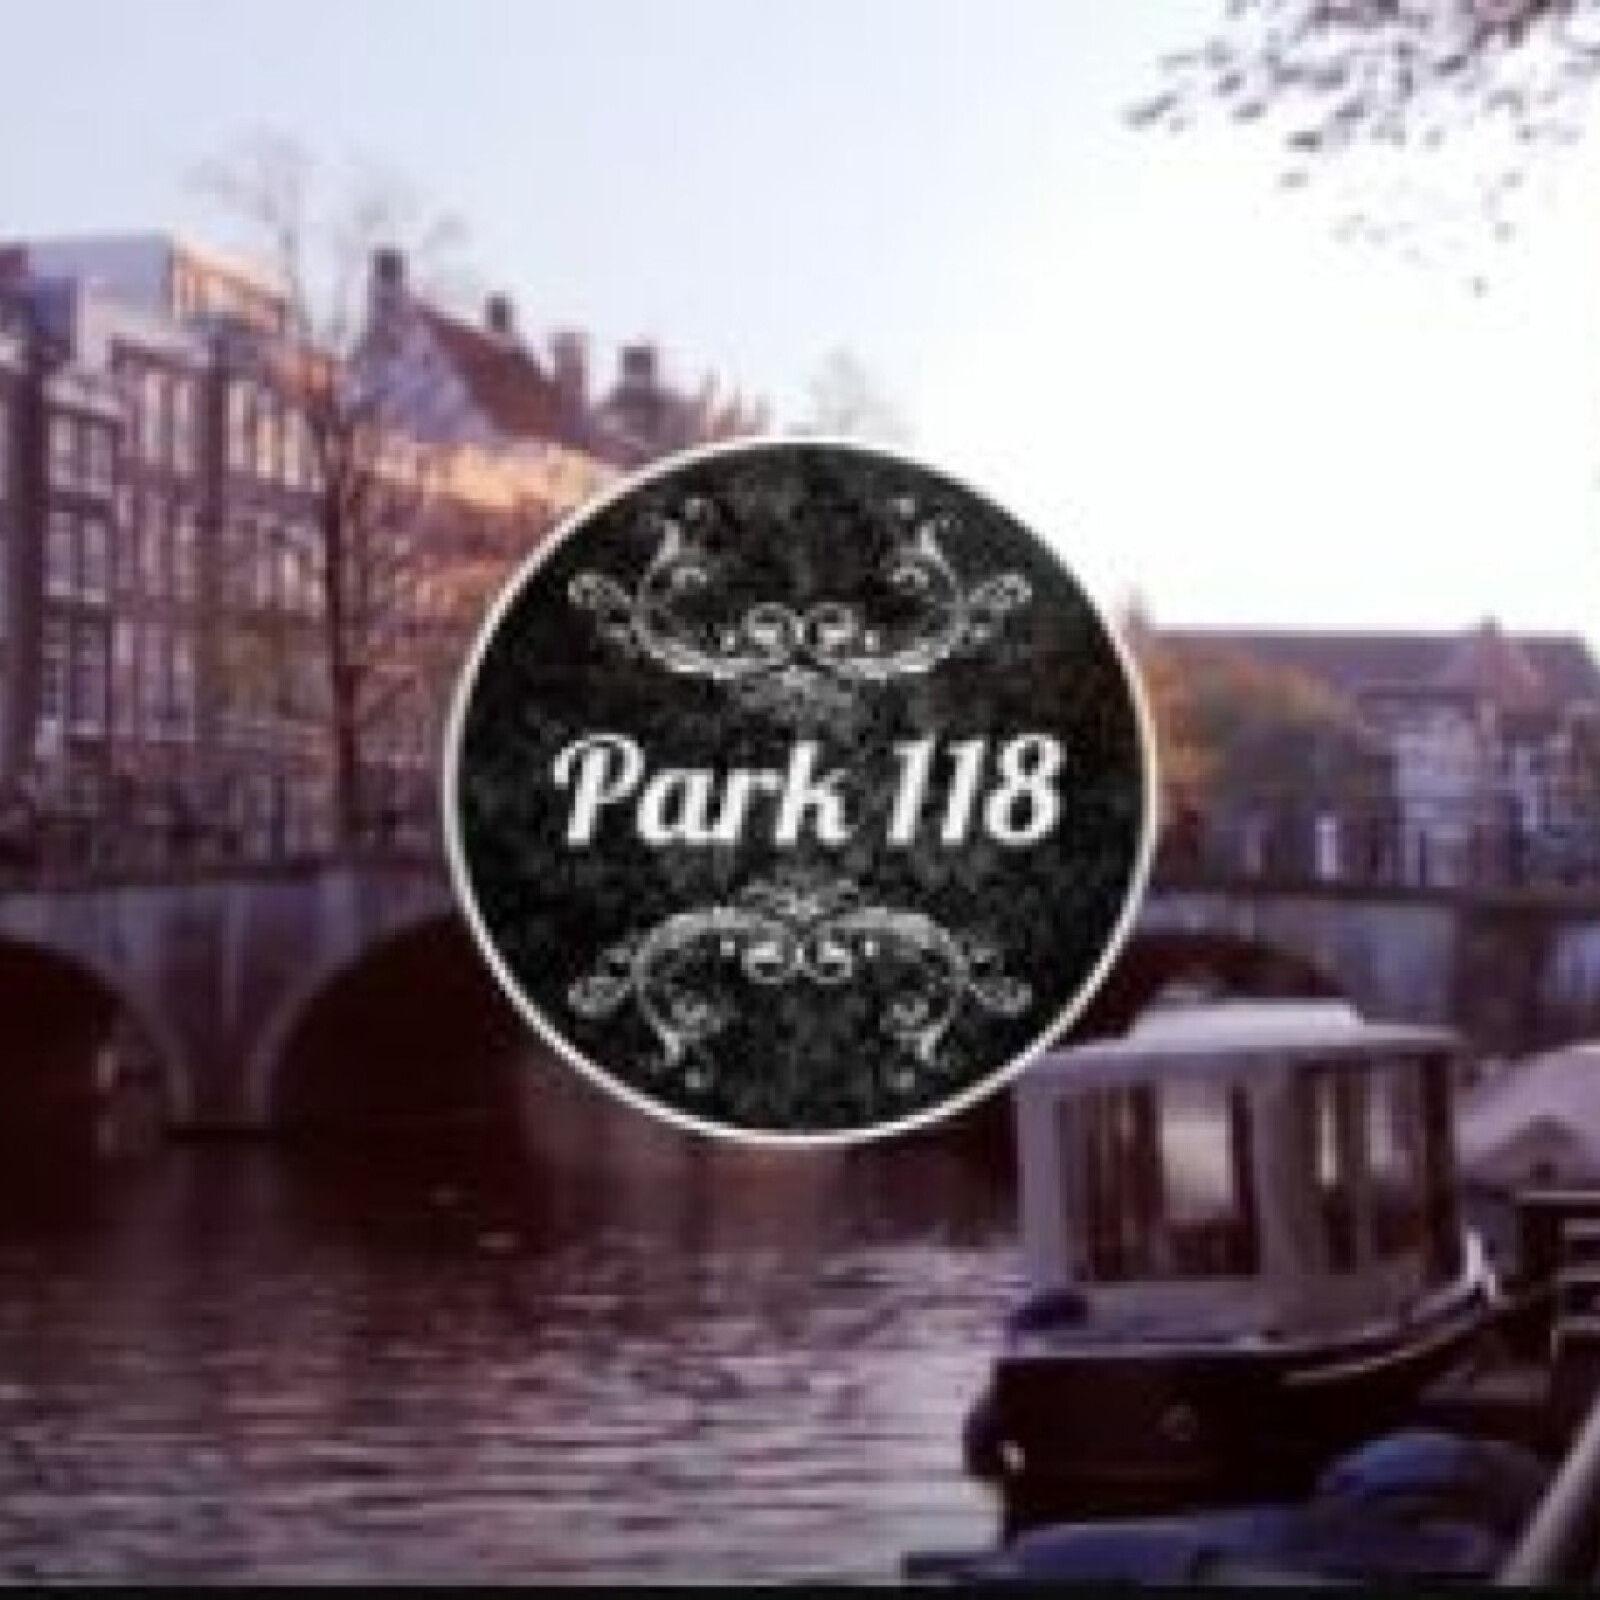 privehuis-sexclub-park118